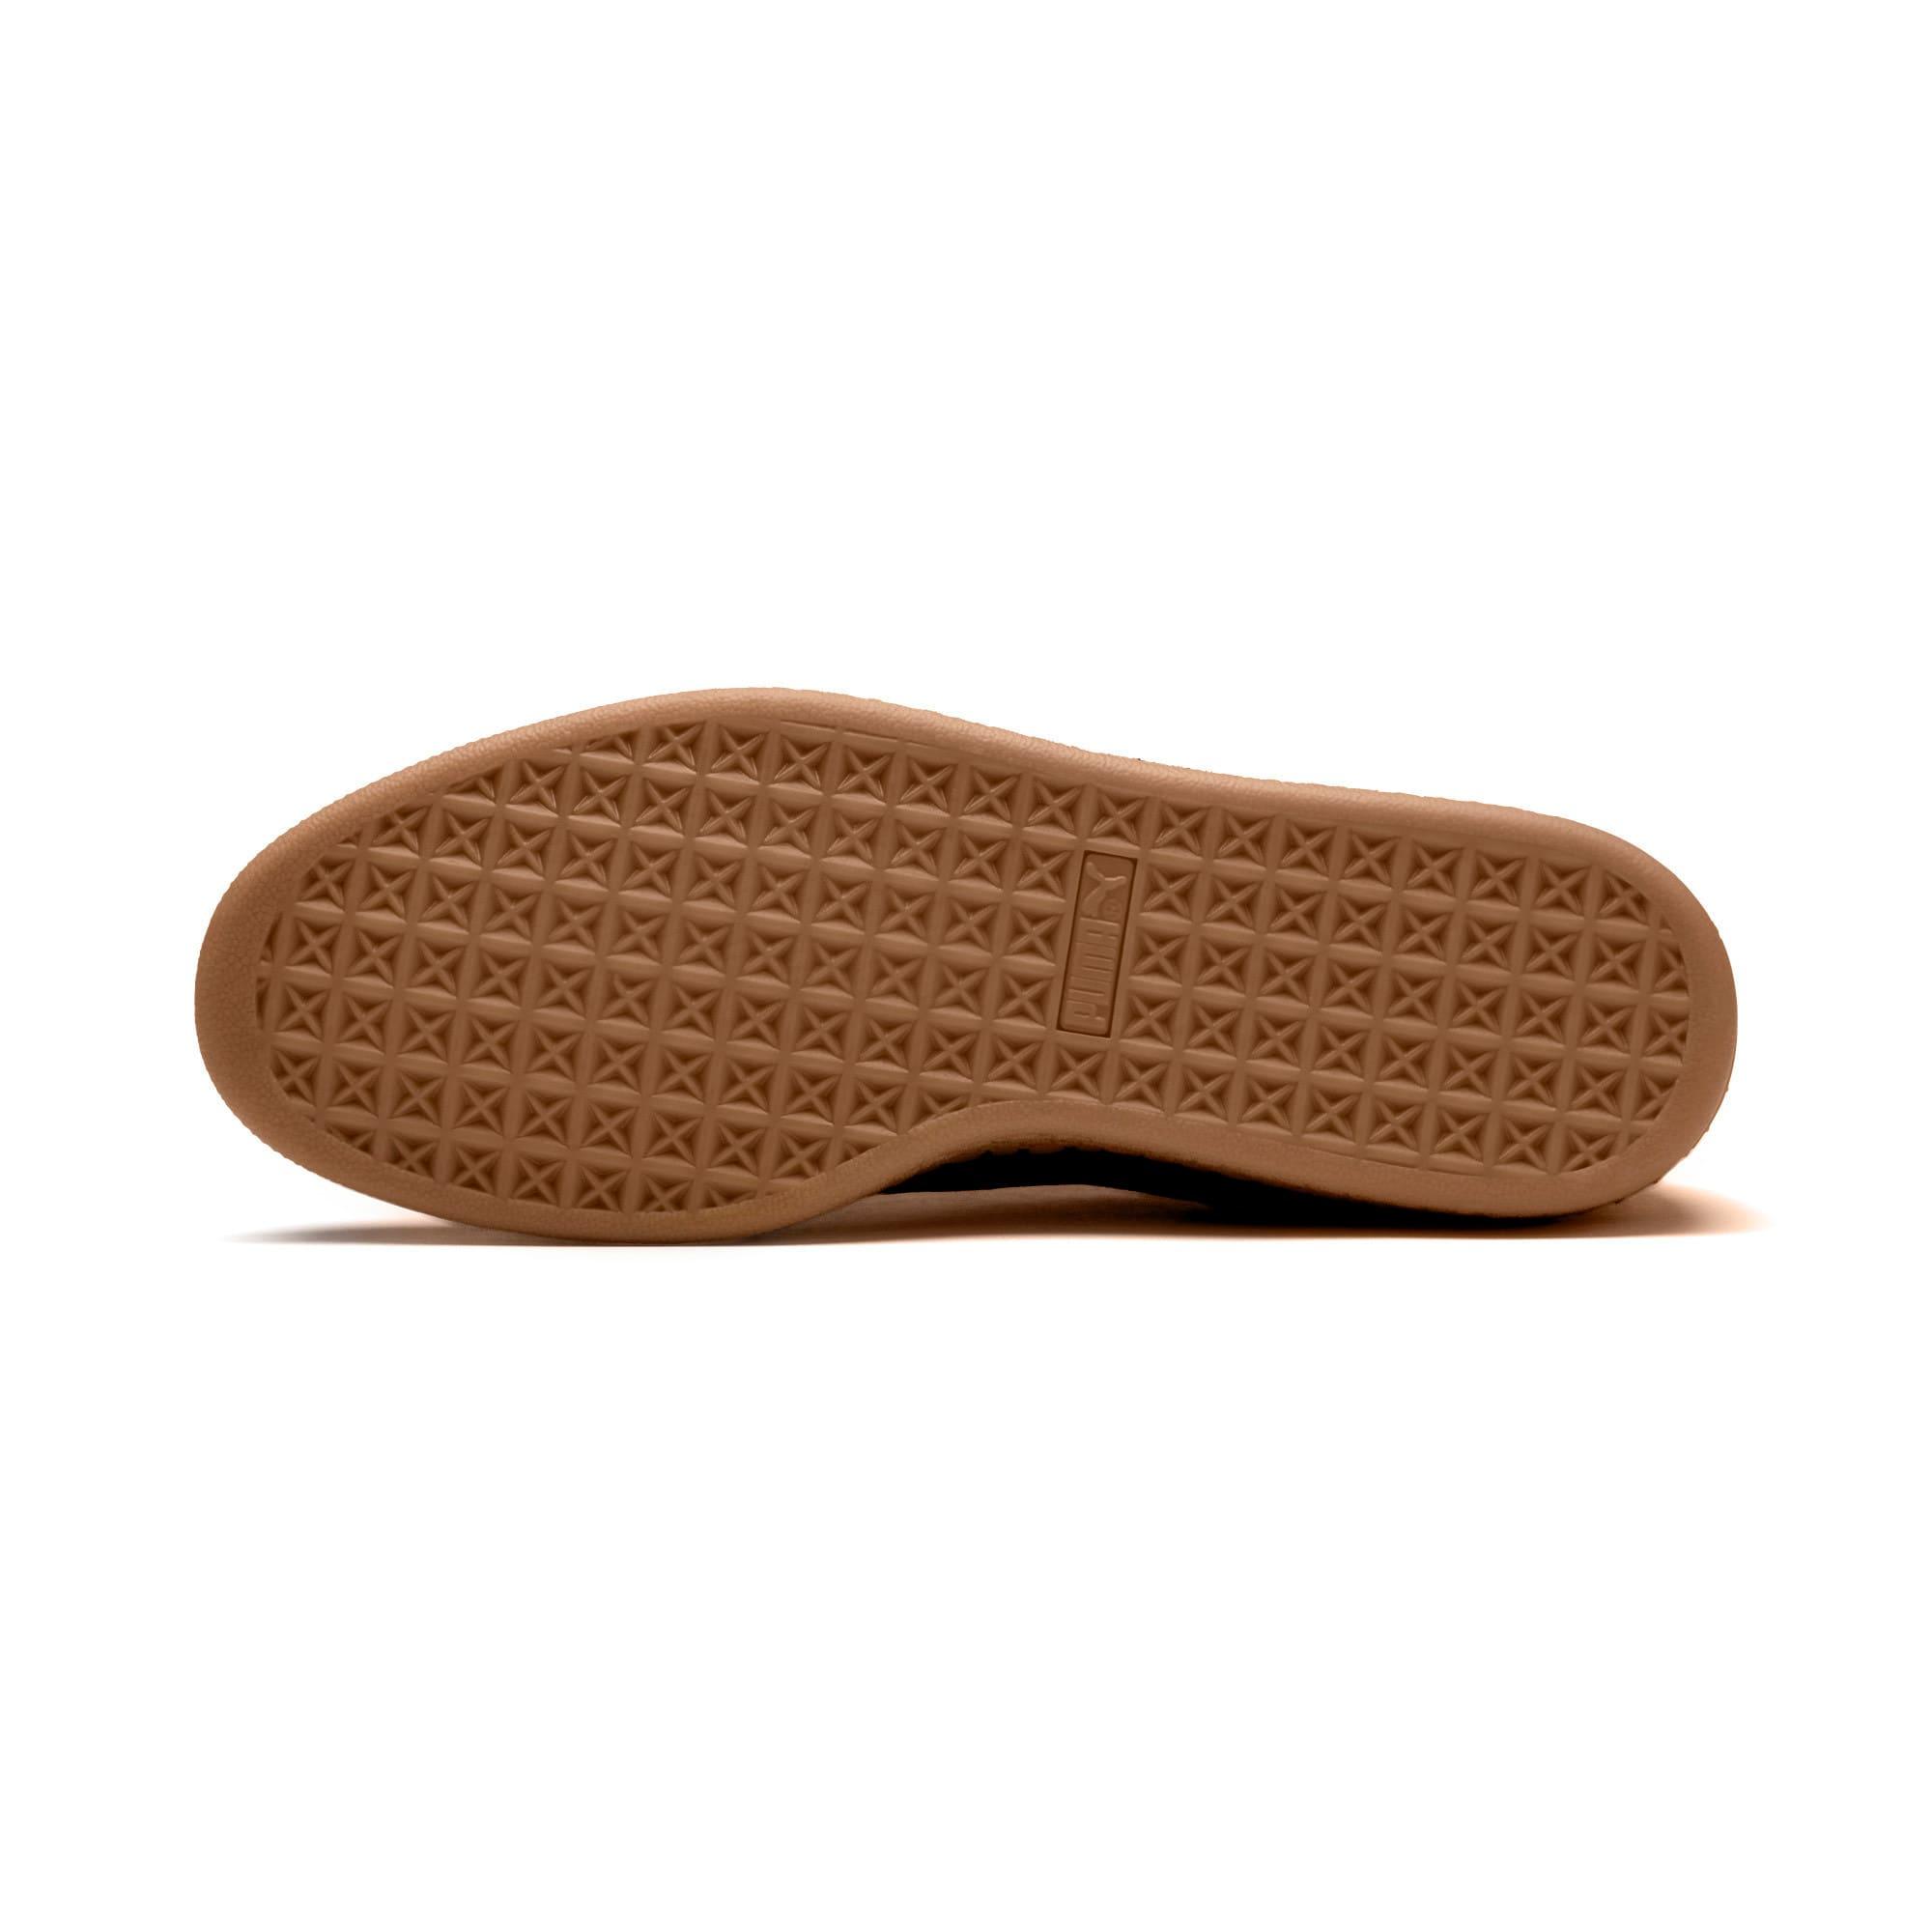 Thumbnail 5 of Suede Classic Blanket Stitch Sneakers, Puma Black-Gum, medium